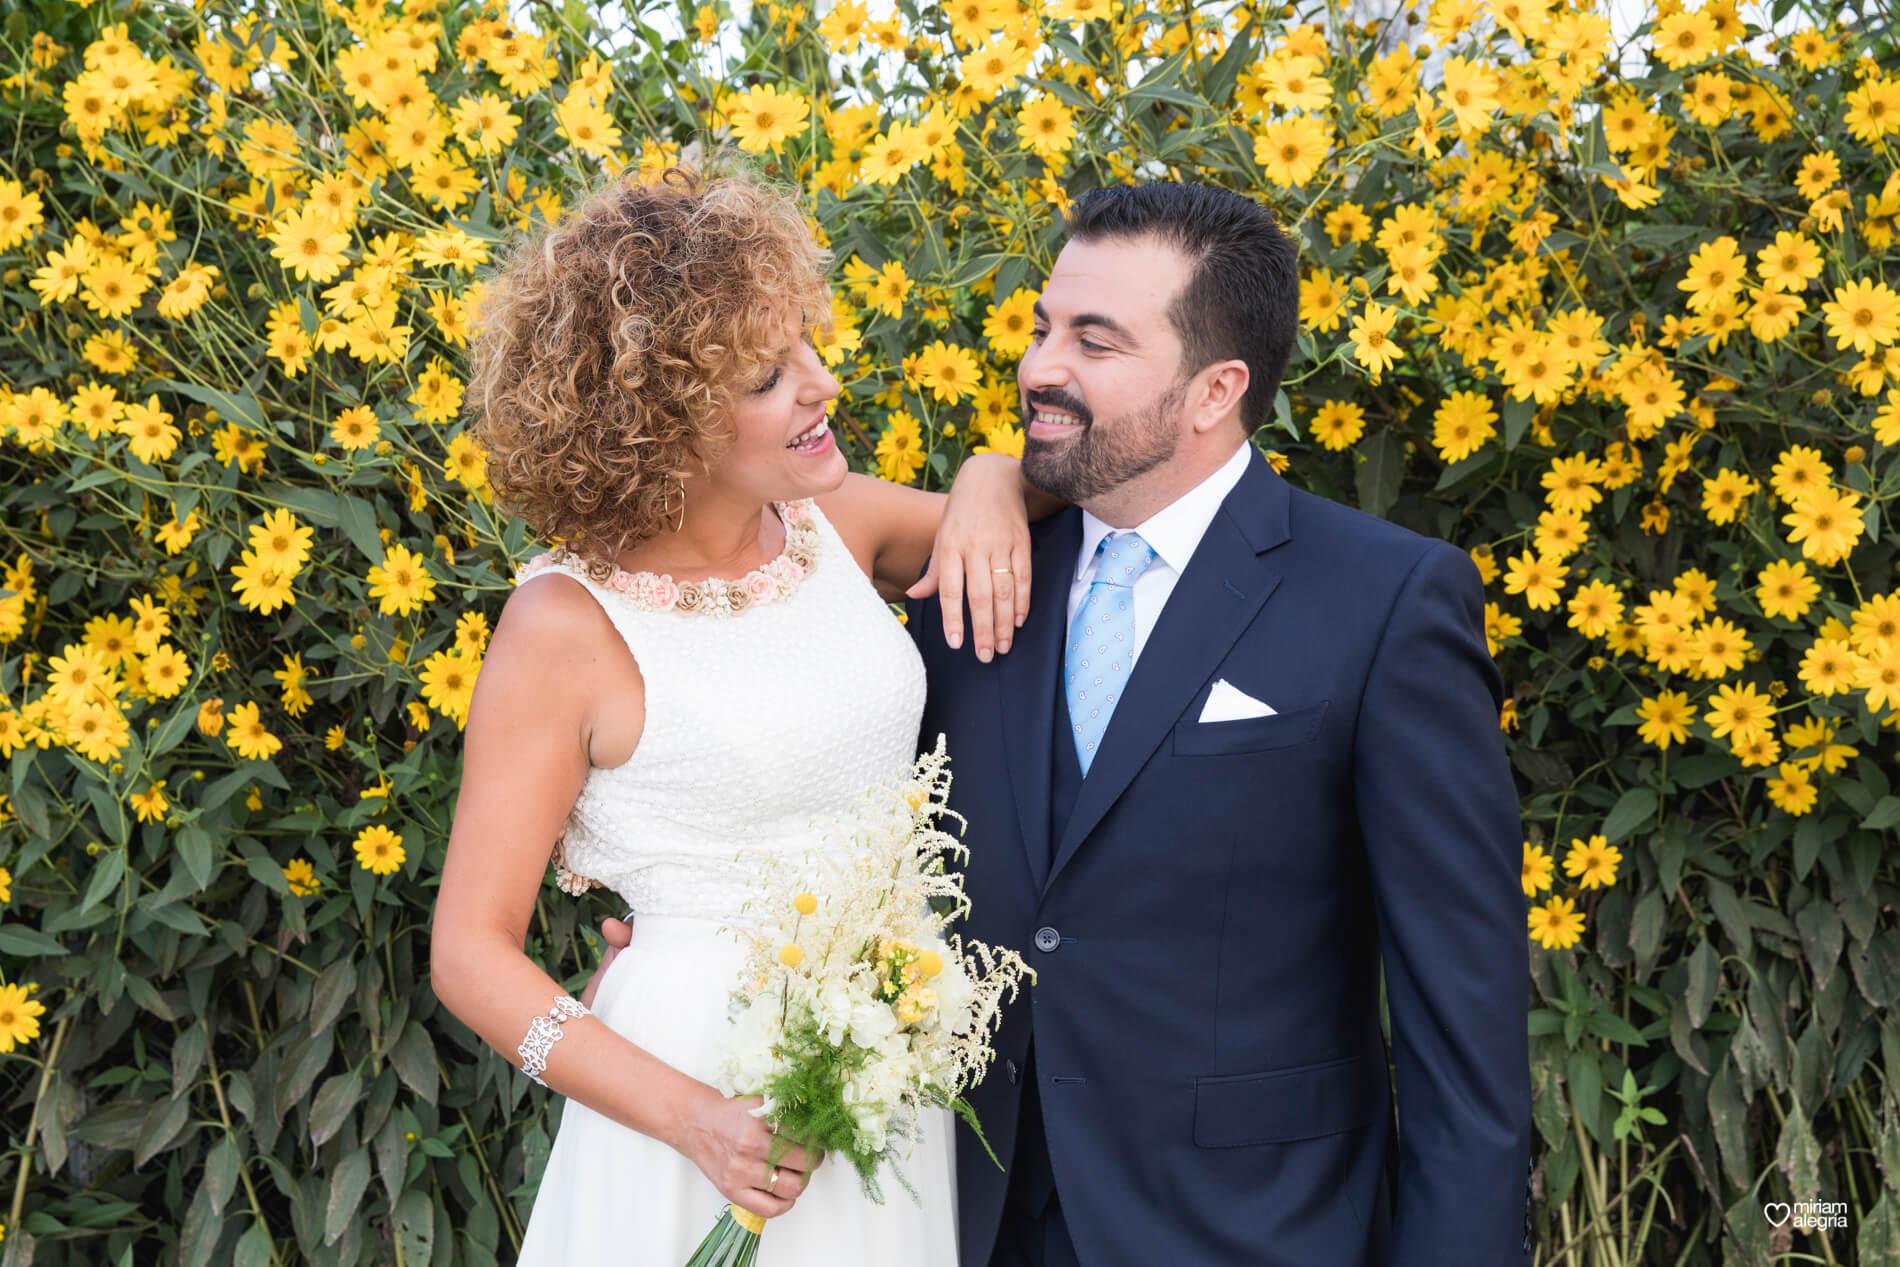 boda-en-finca-la-carrasca-miriam-alegria-94